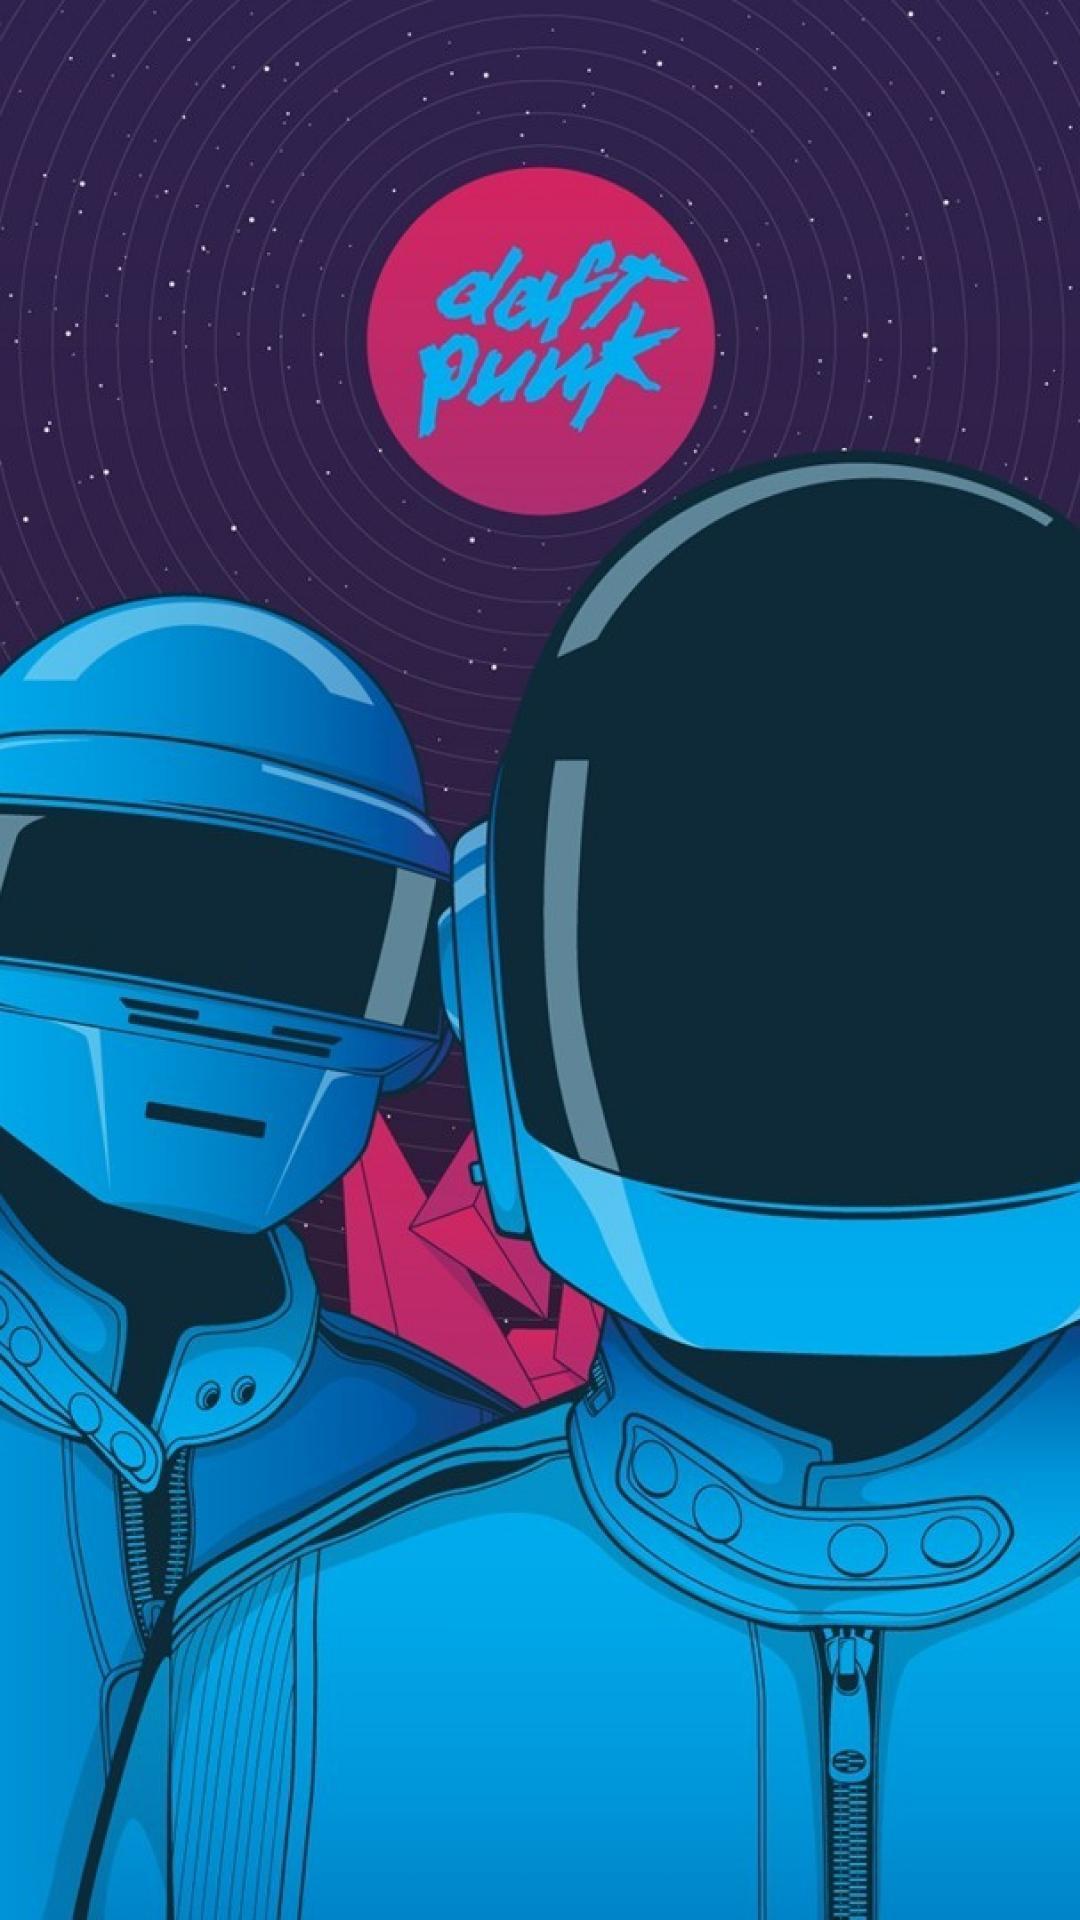 Daft Punk 4k Mobile Wallpapers - Wallpaper Cave